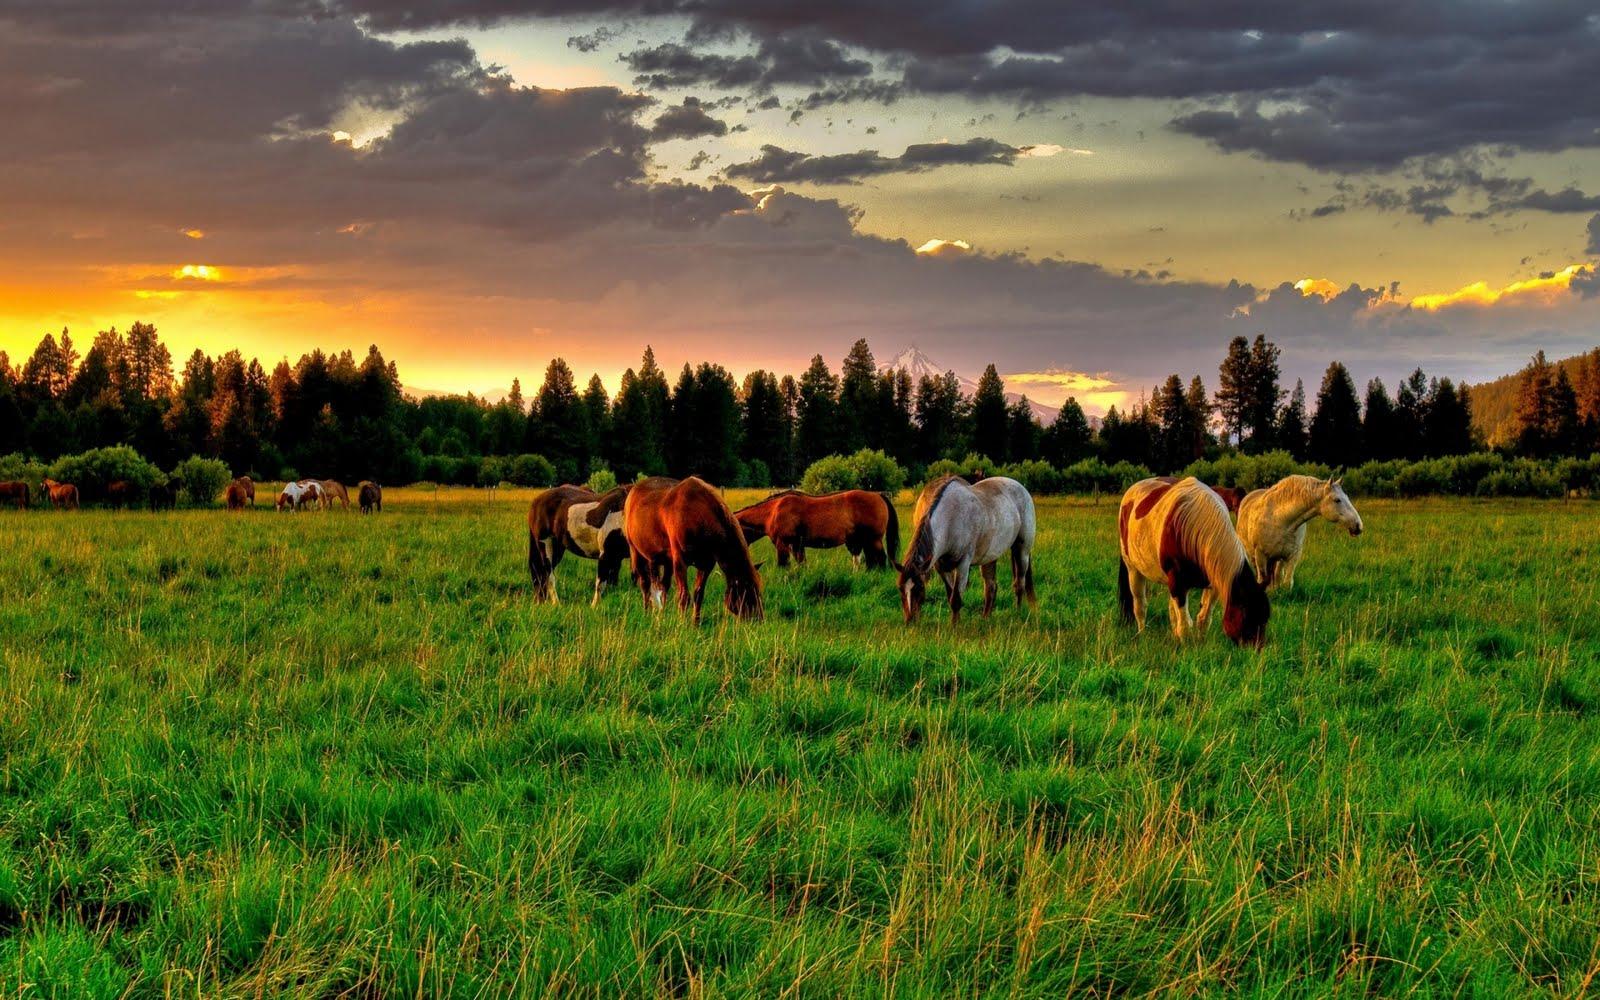 Caballos en el campo - Horses field